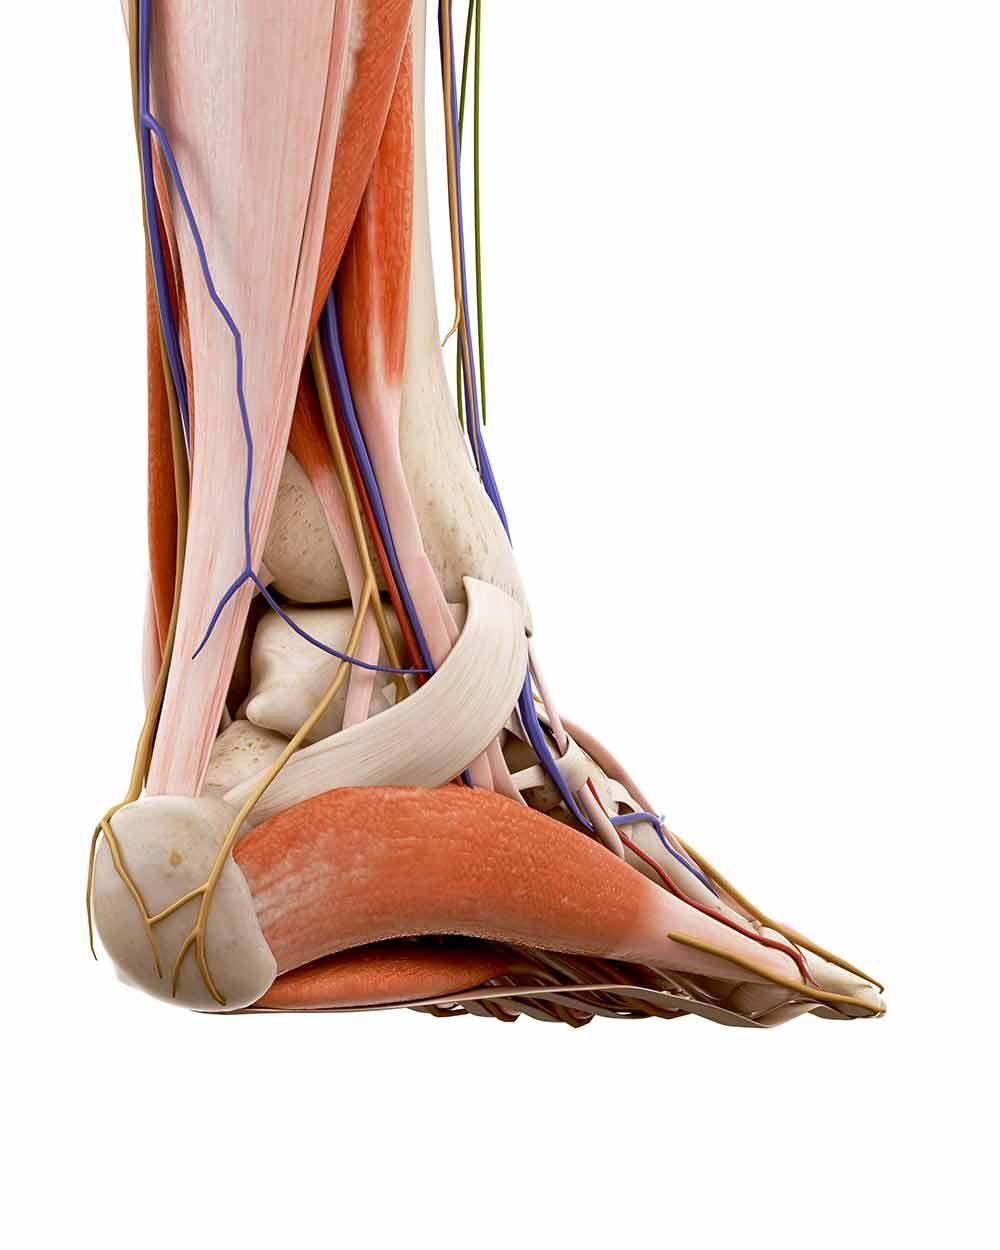 pijn-aan-de-achterkant-van-de-voet